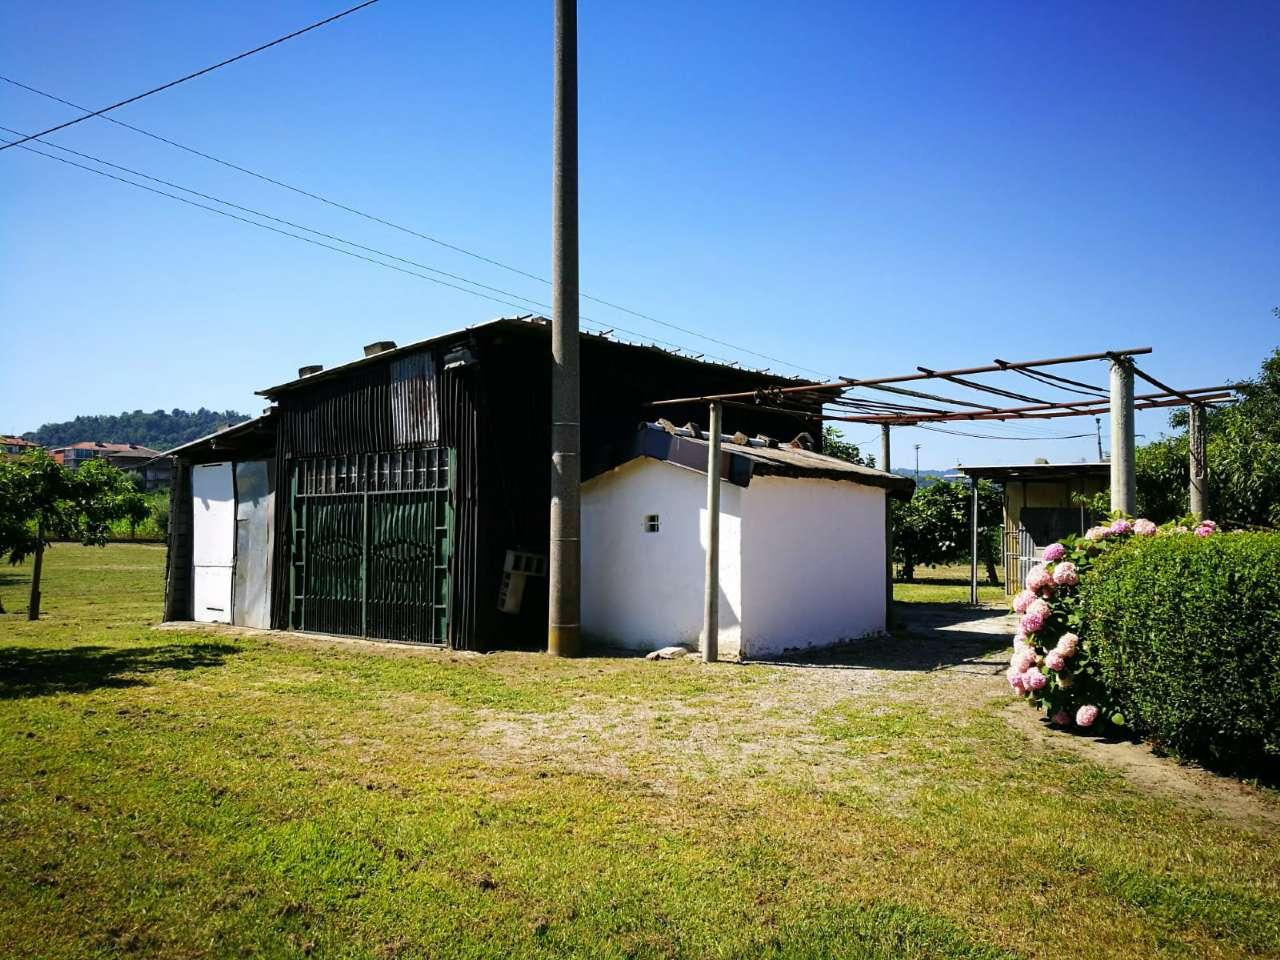 Terreno Agricolo in vendita a Gassino Torinese, 2 locali, prezzo € 55.000 | CambioCasa.it